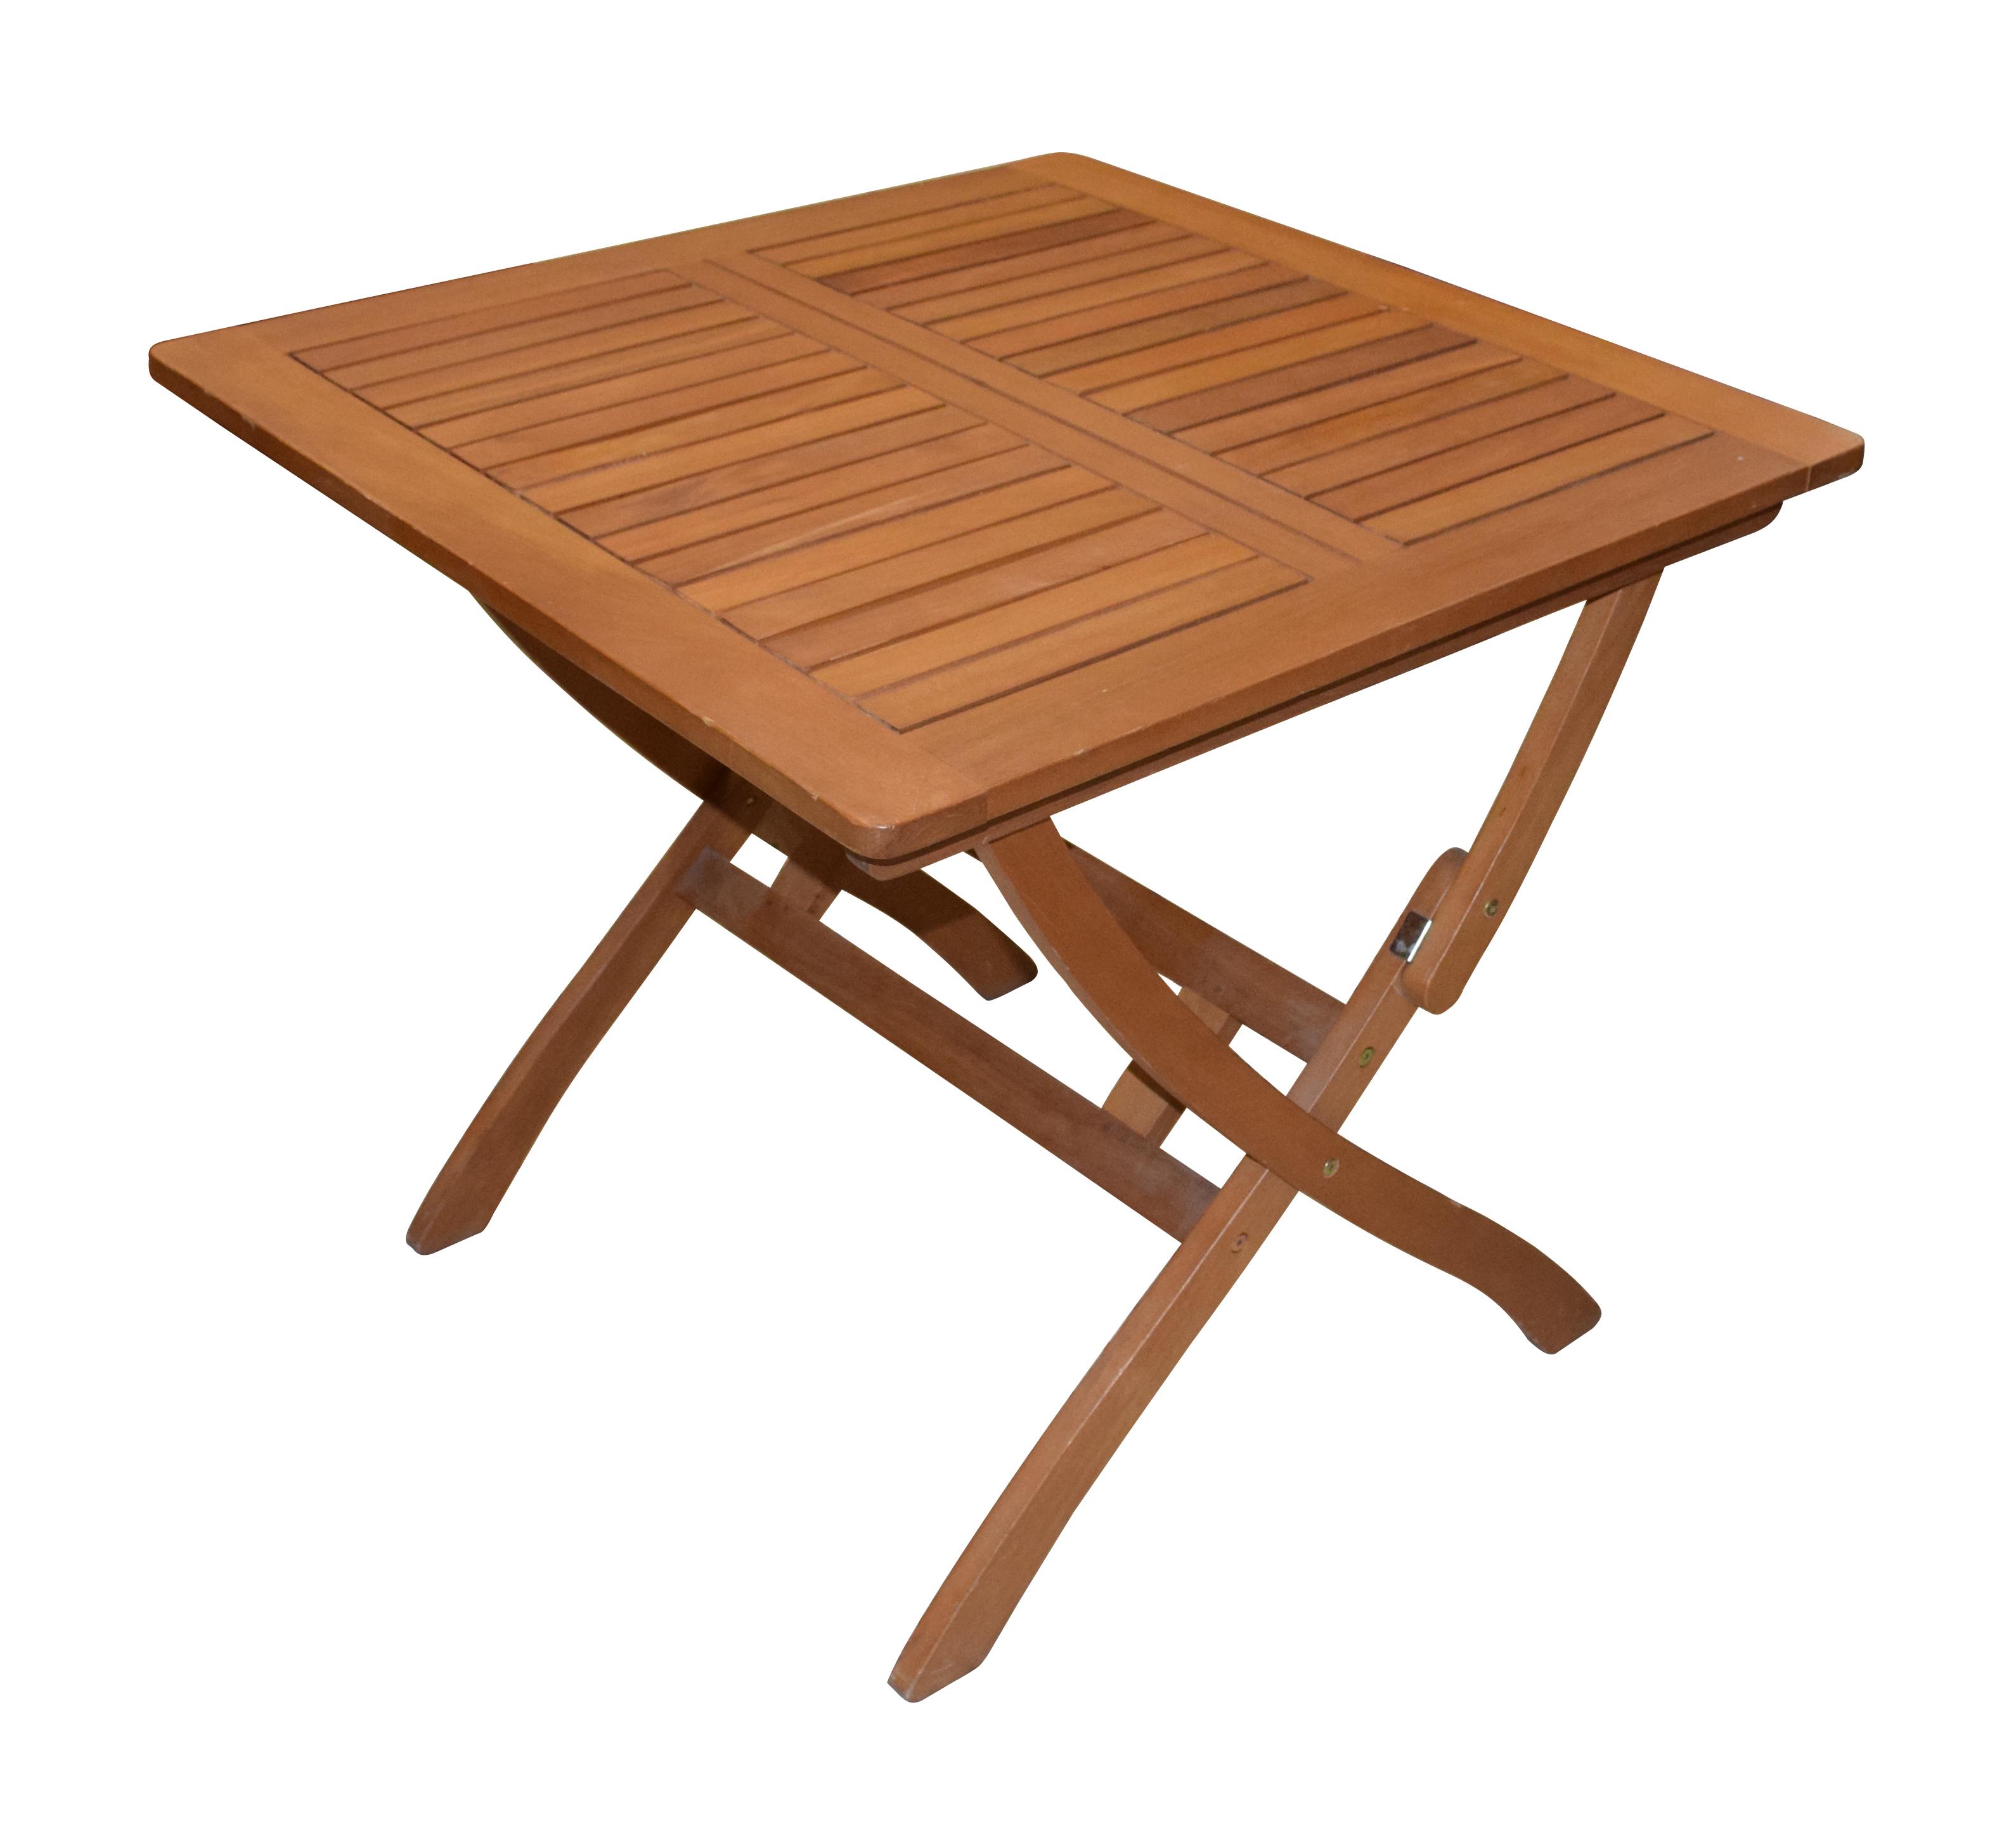 Tavolo nelson quadrato in legno 80x80x72 cm bricocasa - Tavolo quadrato legno ...